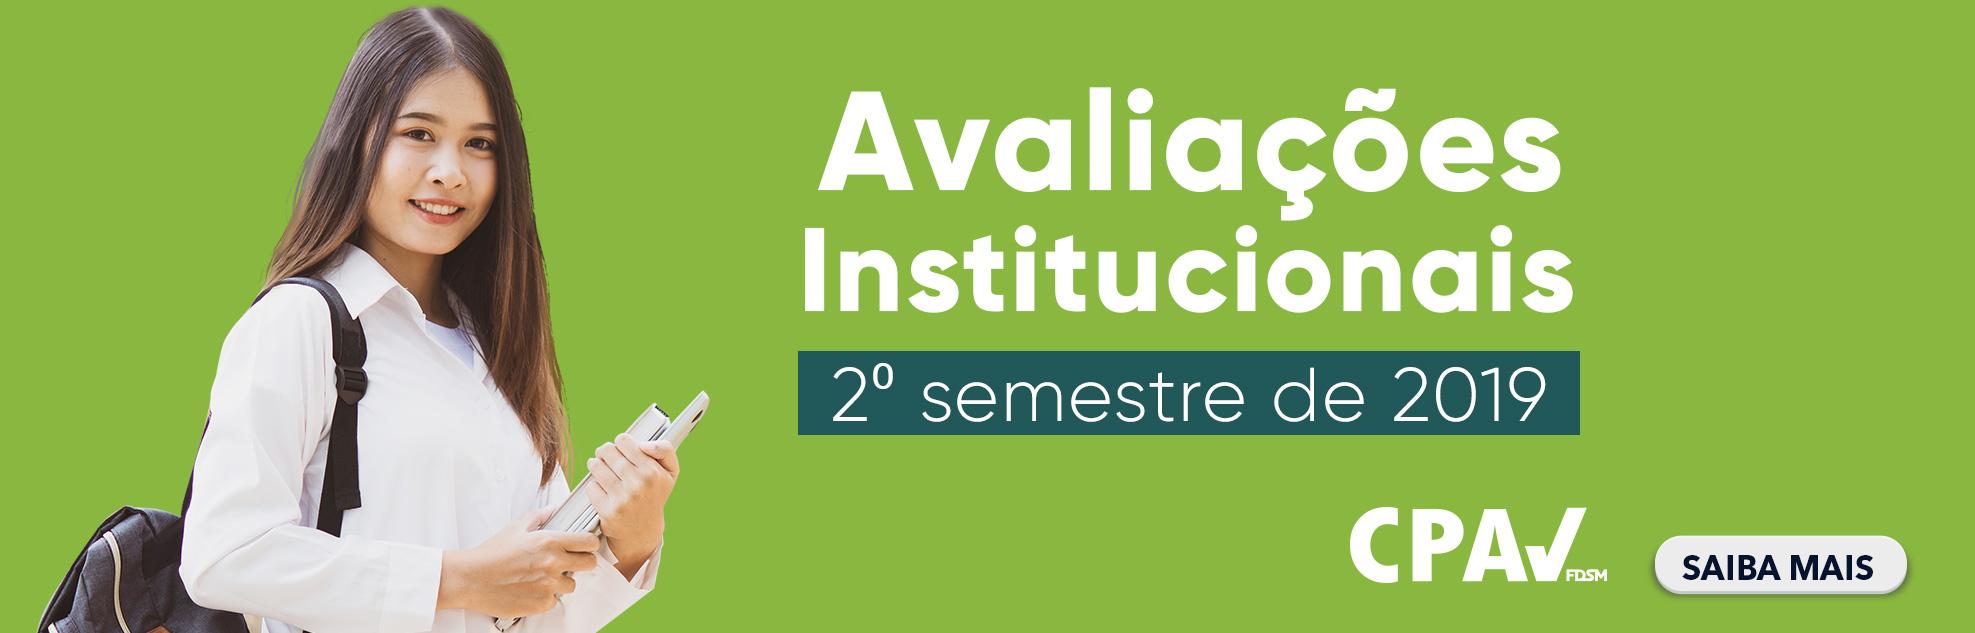 AVALIAÇÕES INSTITUCIONAIS - 2º SEMESTRE DE 2019